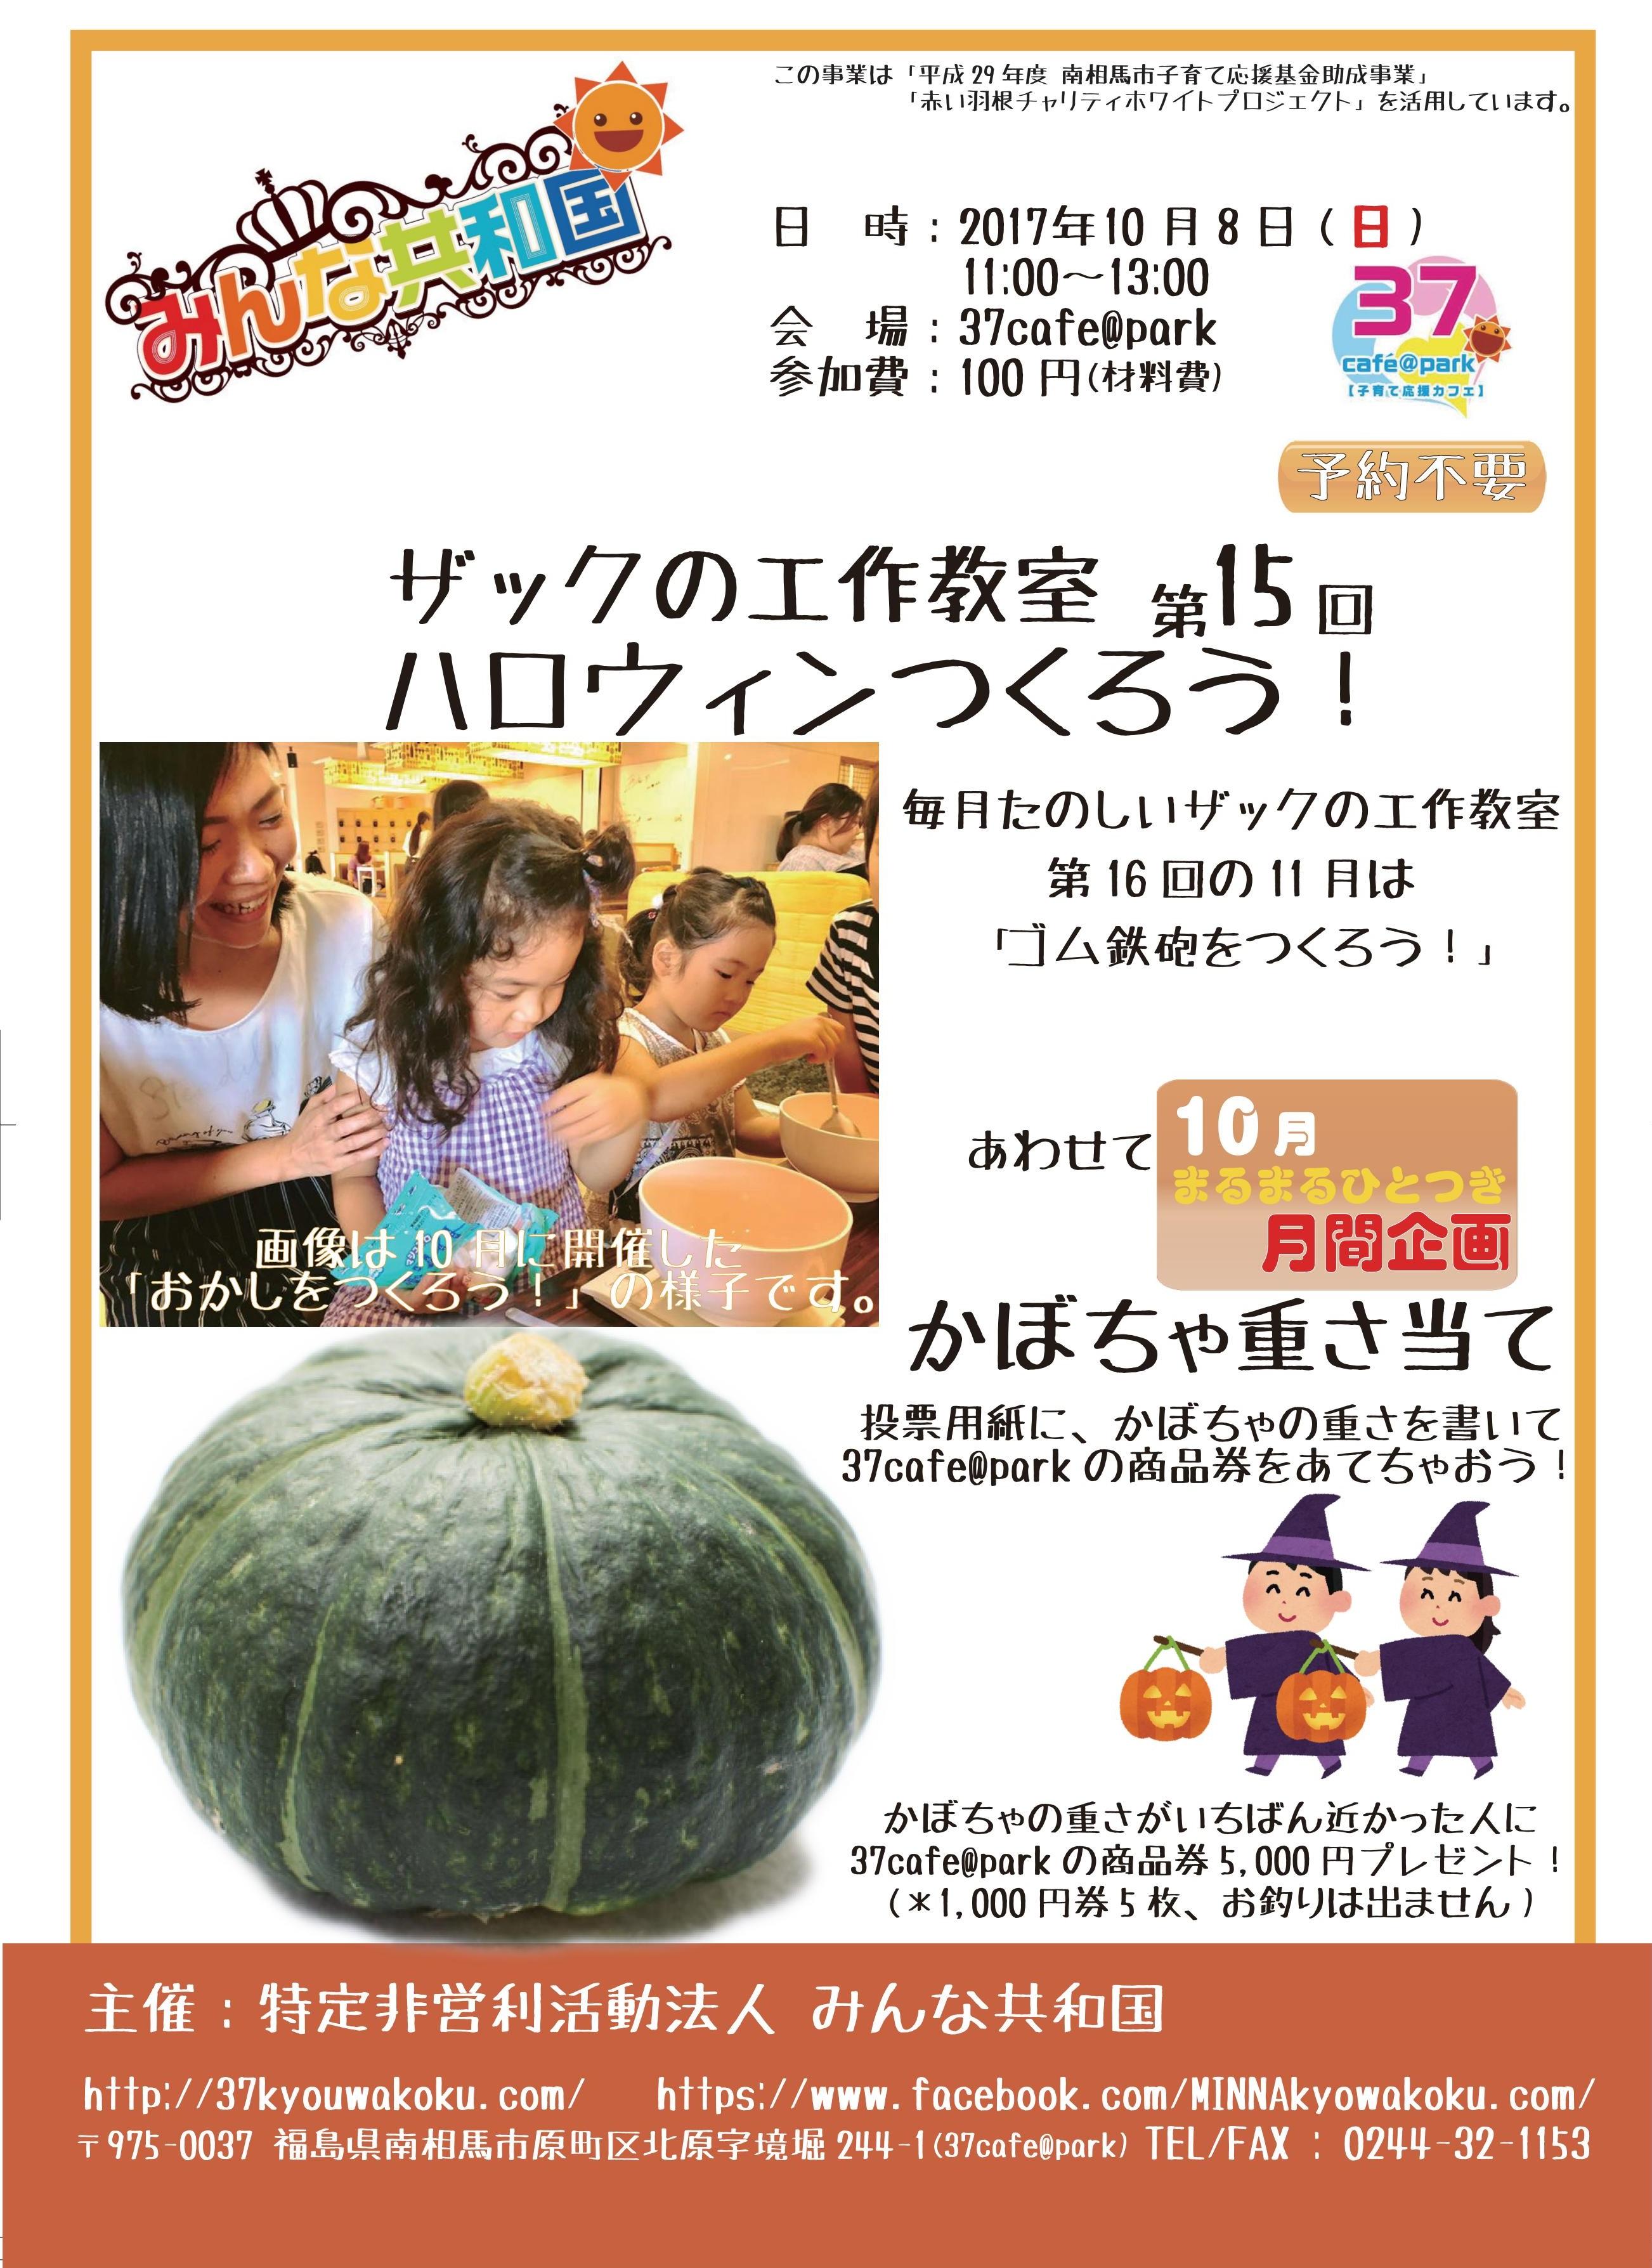 2017.10月間企画かぼちゃの重さを当てよう!